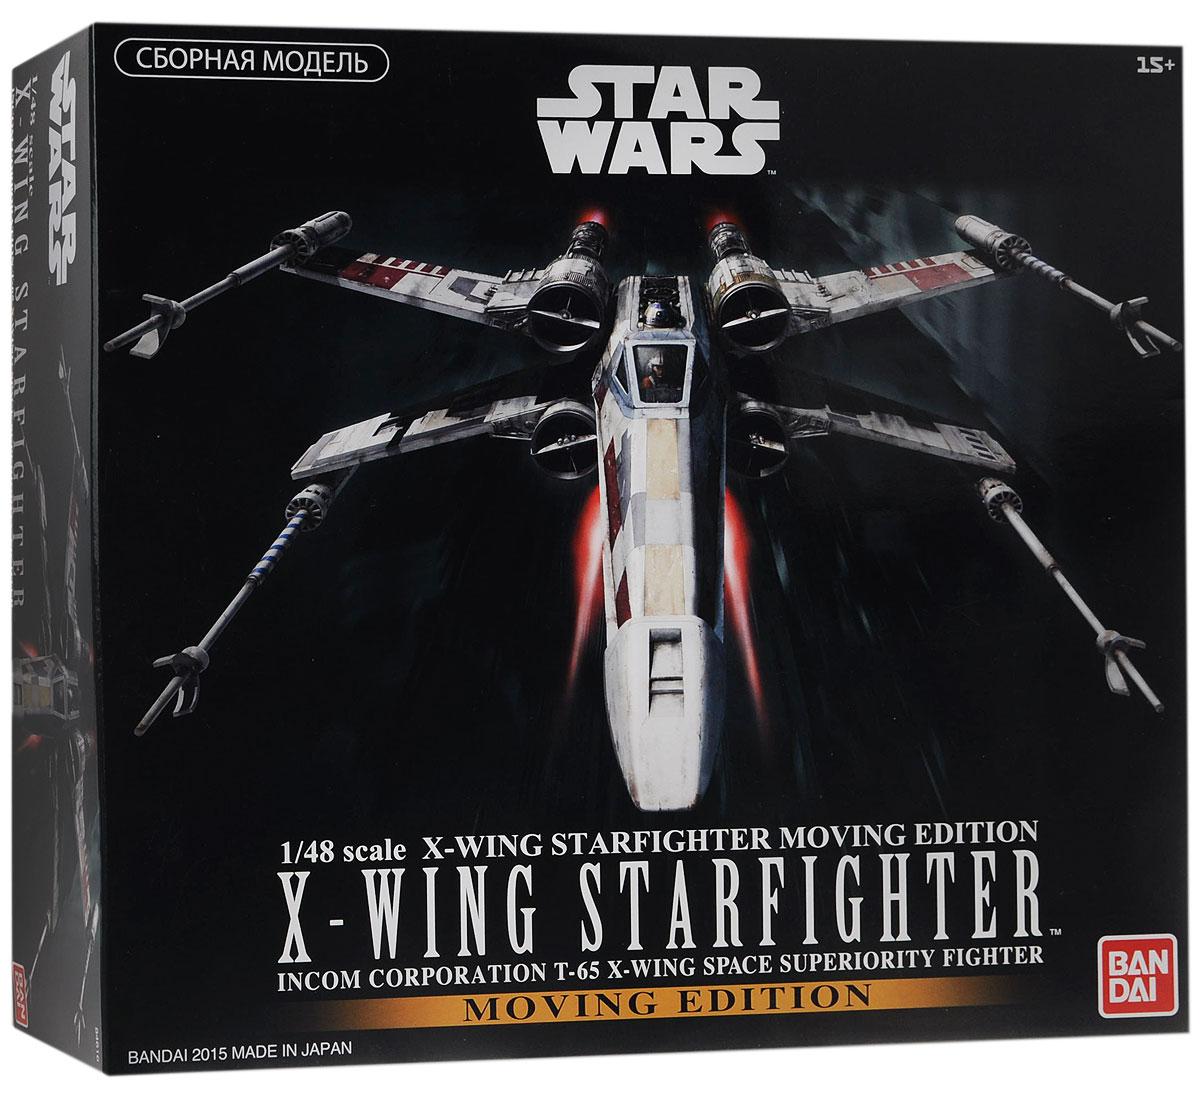 Star Wars Сборная модель на радиоуправлении Истребитель X-Wing Starfighter84616Сборная модель на радиоуправлении Star Wars Истребитель X-Wing Starfighter непременно понравятся не только детям, но и всем поклонникам культовой саги Звёздные Войны. В красочной коробке находится комплект деталей для сборки масштабной (1/48) стендовой модели легендарного Звёздного Истребителя X-Wing из IV эпизода киносаги Звёздные Войны. Именно эти истребители использовались Альянсом Повстанцев в его битвах с флотом Галактической Империи, именно на таком Звёздном Истребителе Люк Скайуокер атаковал и уничтожил имперскую боевую станцию Звезда Смерти. В комплект также входит специальный электронный блок и подставка с кнопками управления. Звездолёт оснащён подсветкой приборной панели кабины пилота, световой и звуковой системой имитации работы ракетных двигателей и вооружения. Фонарь кабины состоит из двух разных деталей: прозрачной части и рамки. Пульт управления кабины экипажа излучает желтый свет. Сбрасыватели протонных торпед излучают красный свет при запуске...